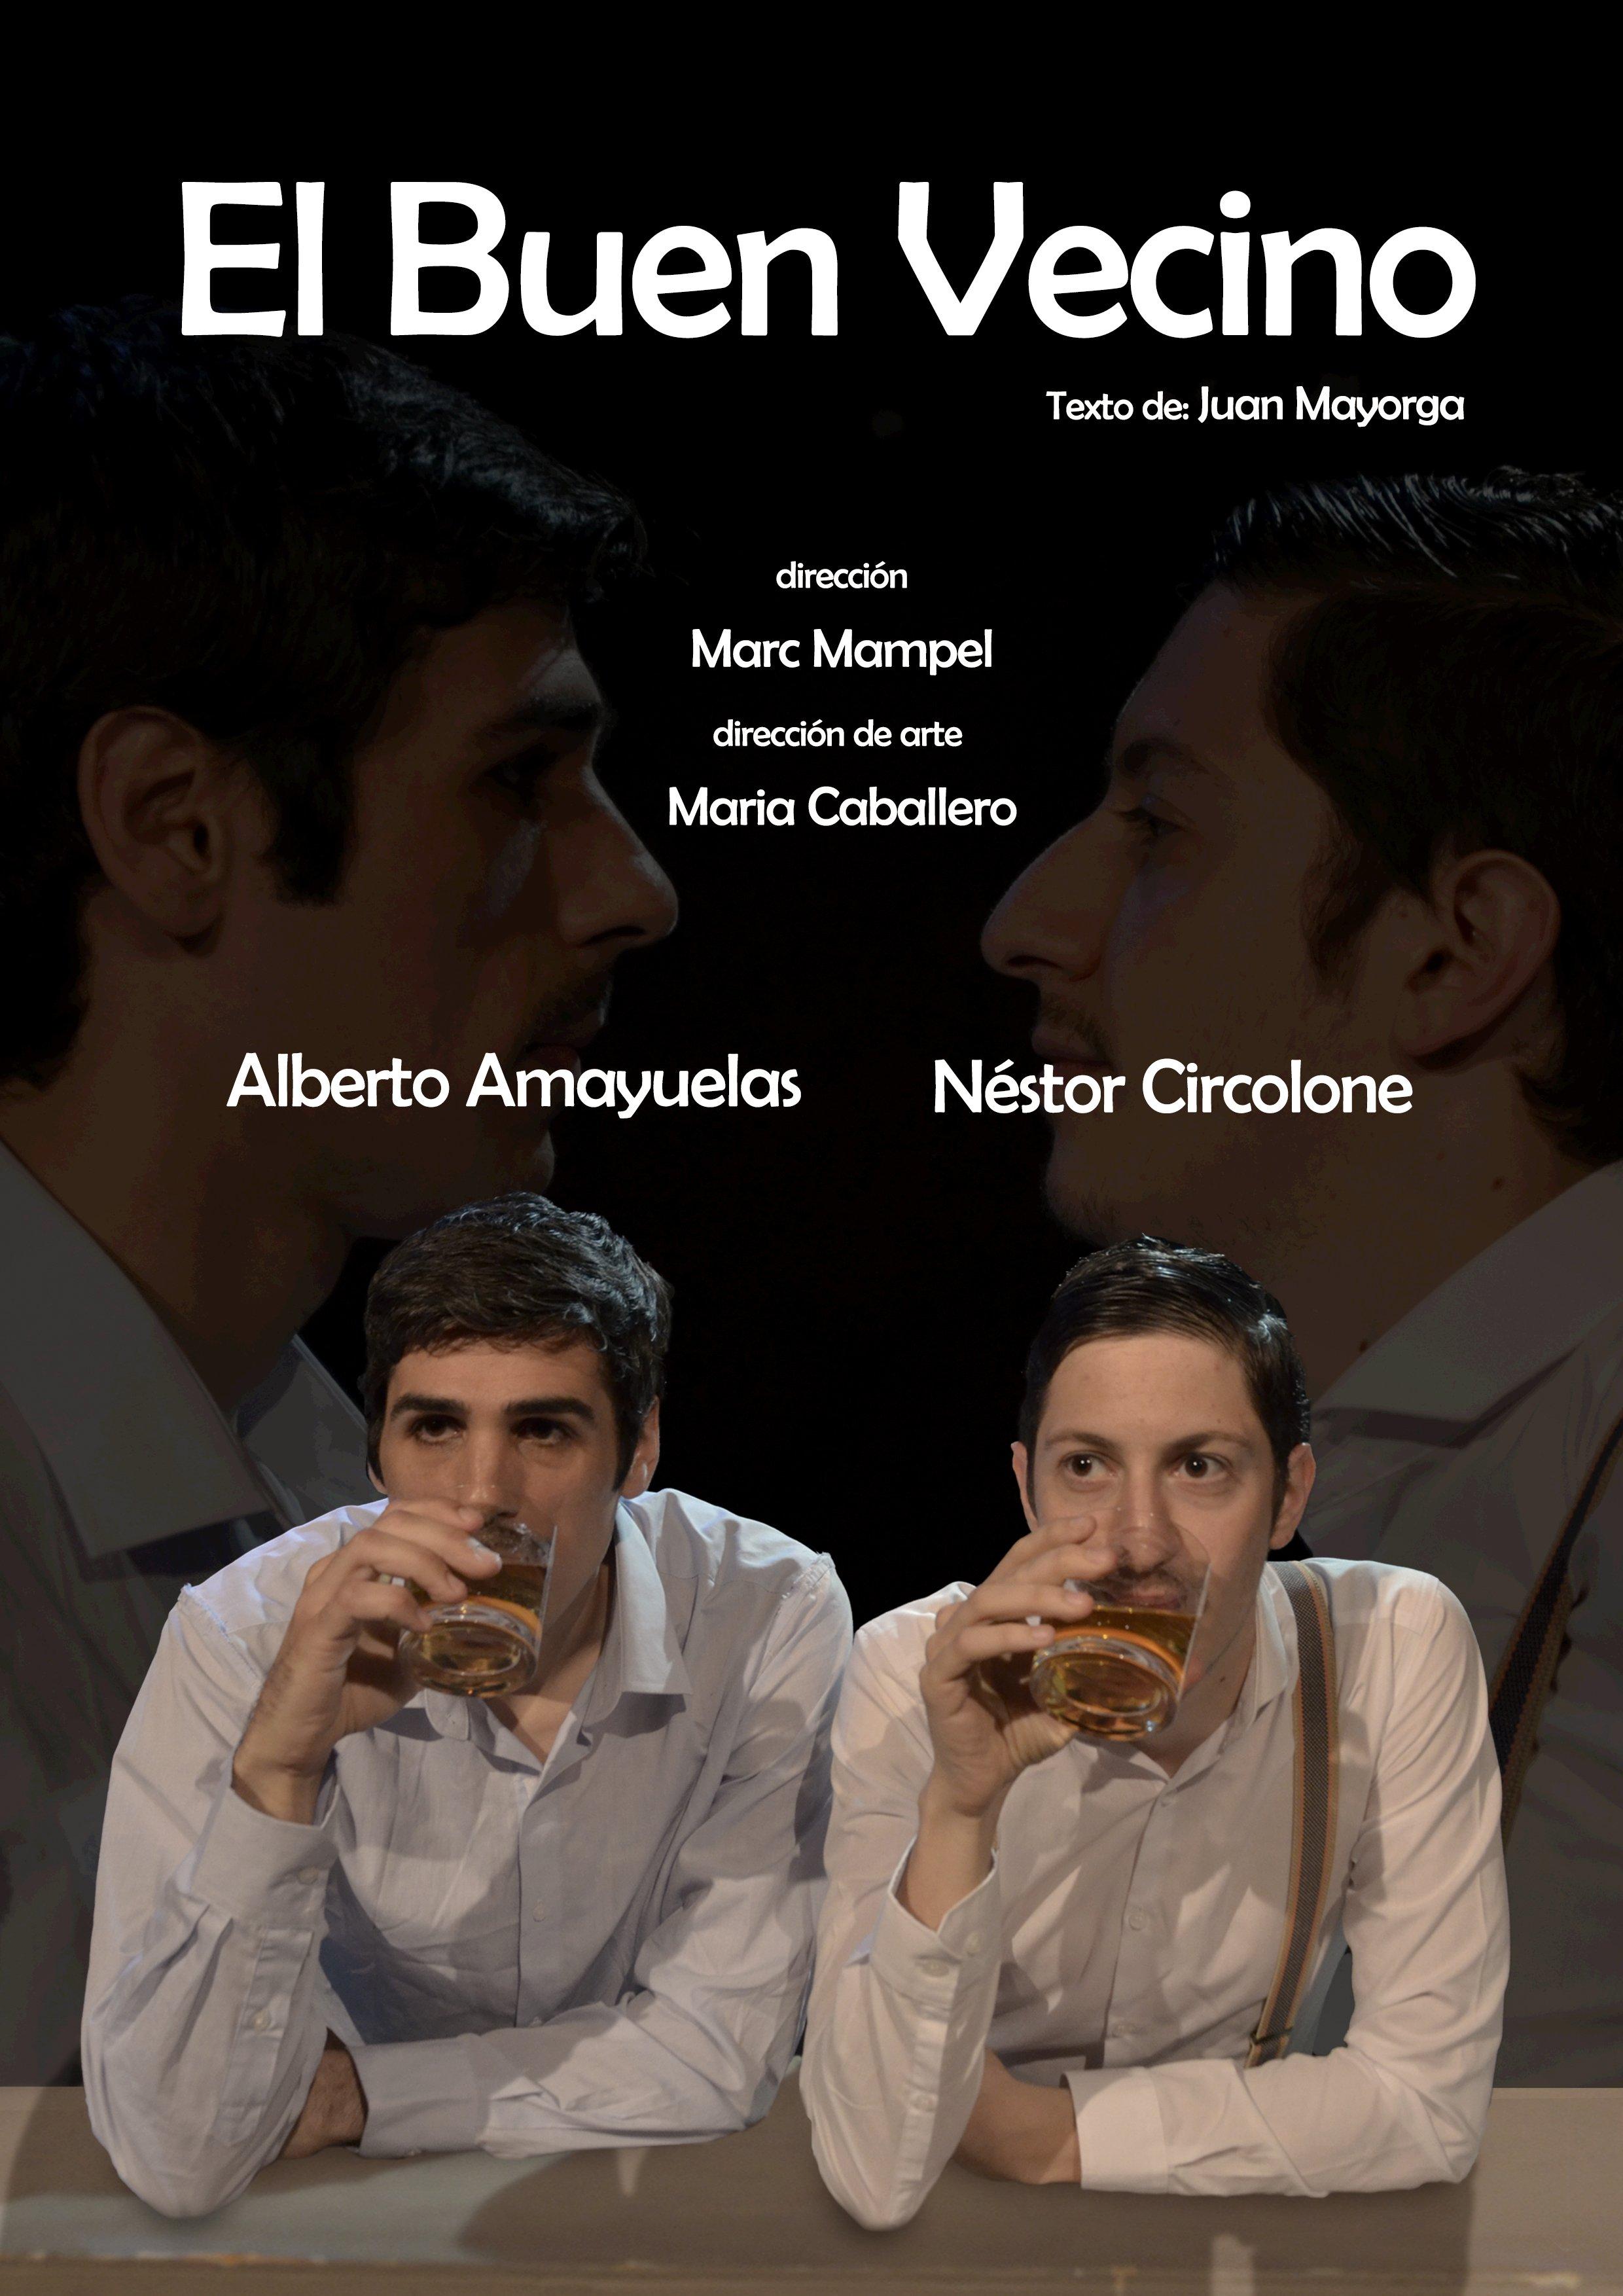 Poster - El buen vecino - Alberto Amayuelas